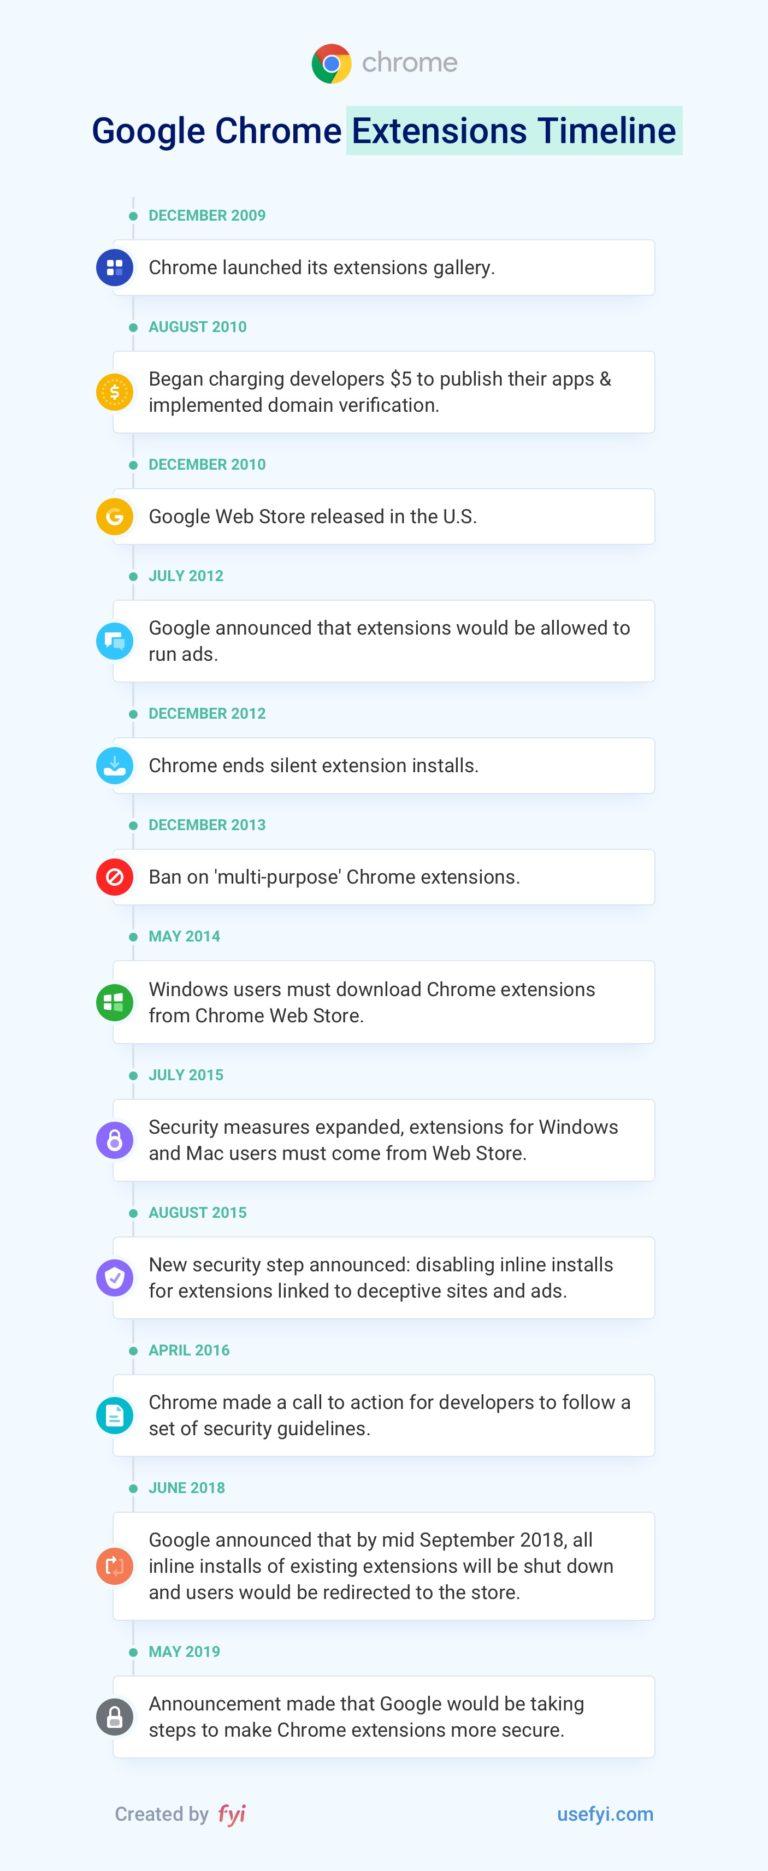 От 0% до 70% рынка: Как Google Chrome поглотил интернет? - 4